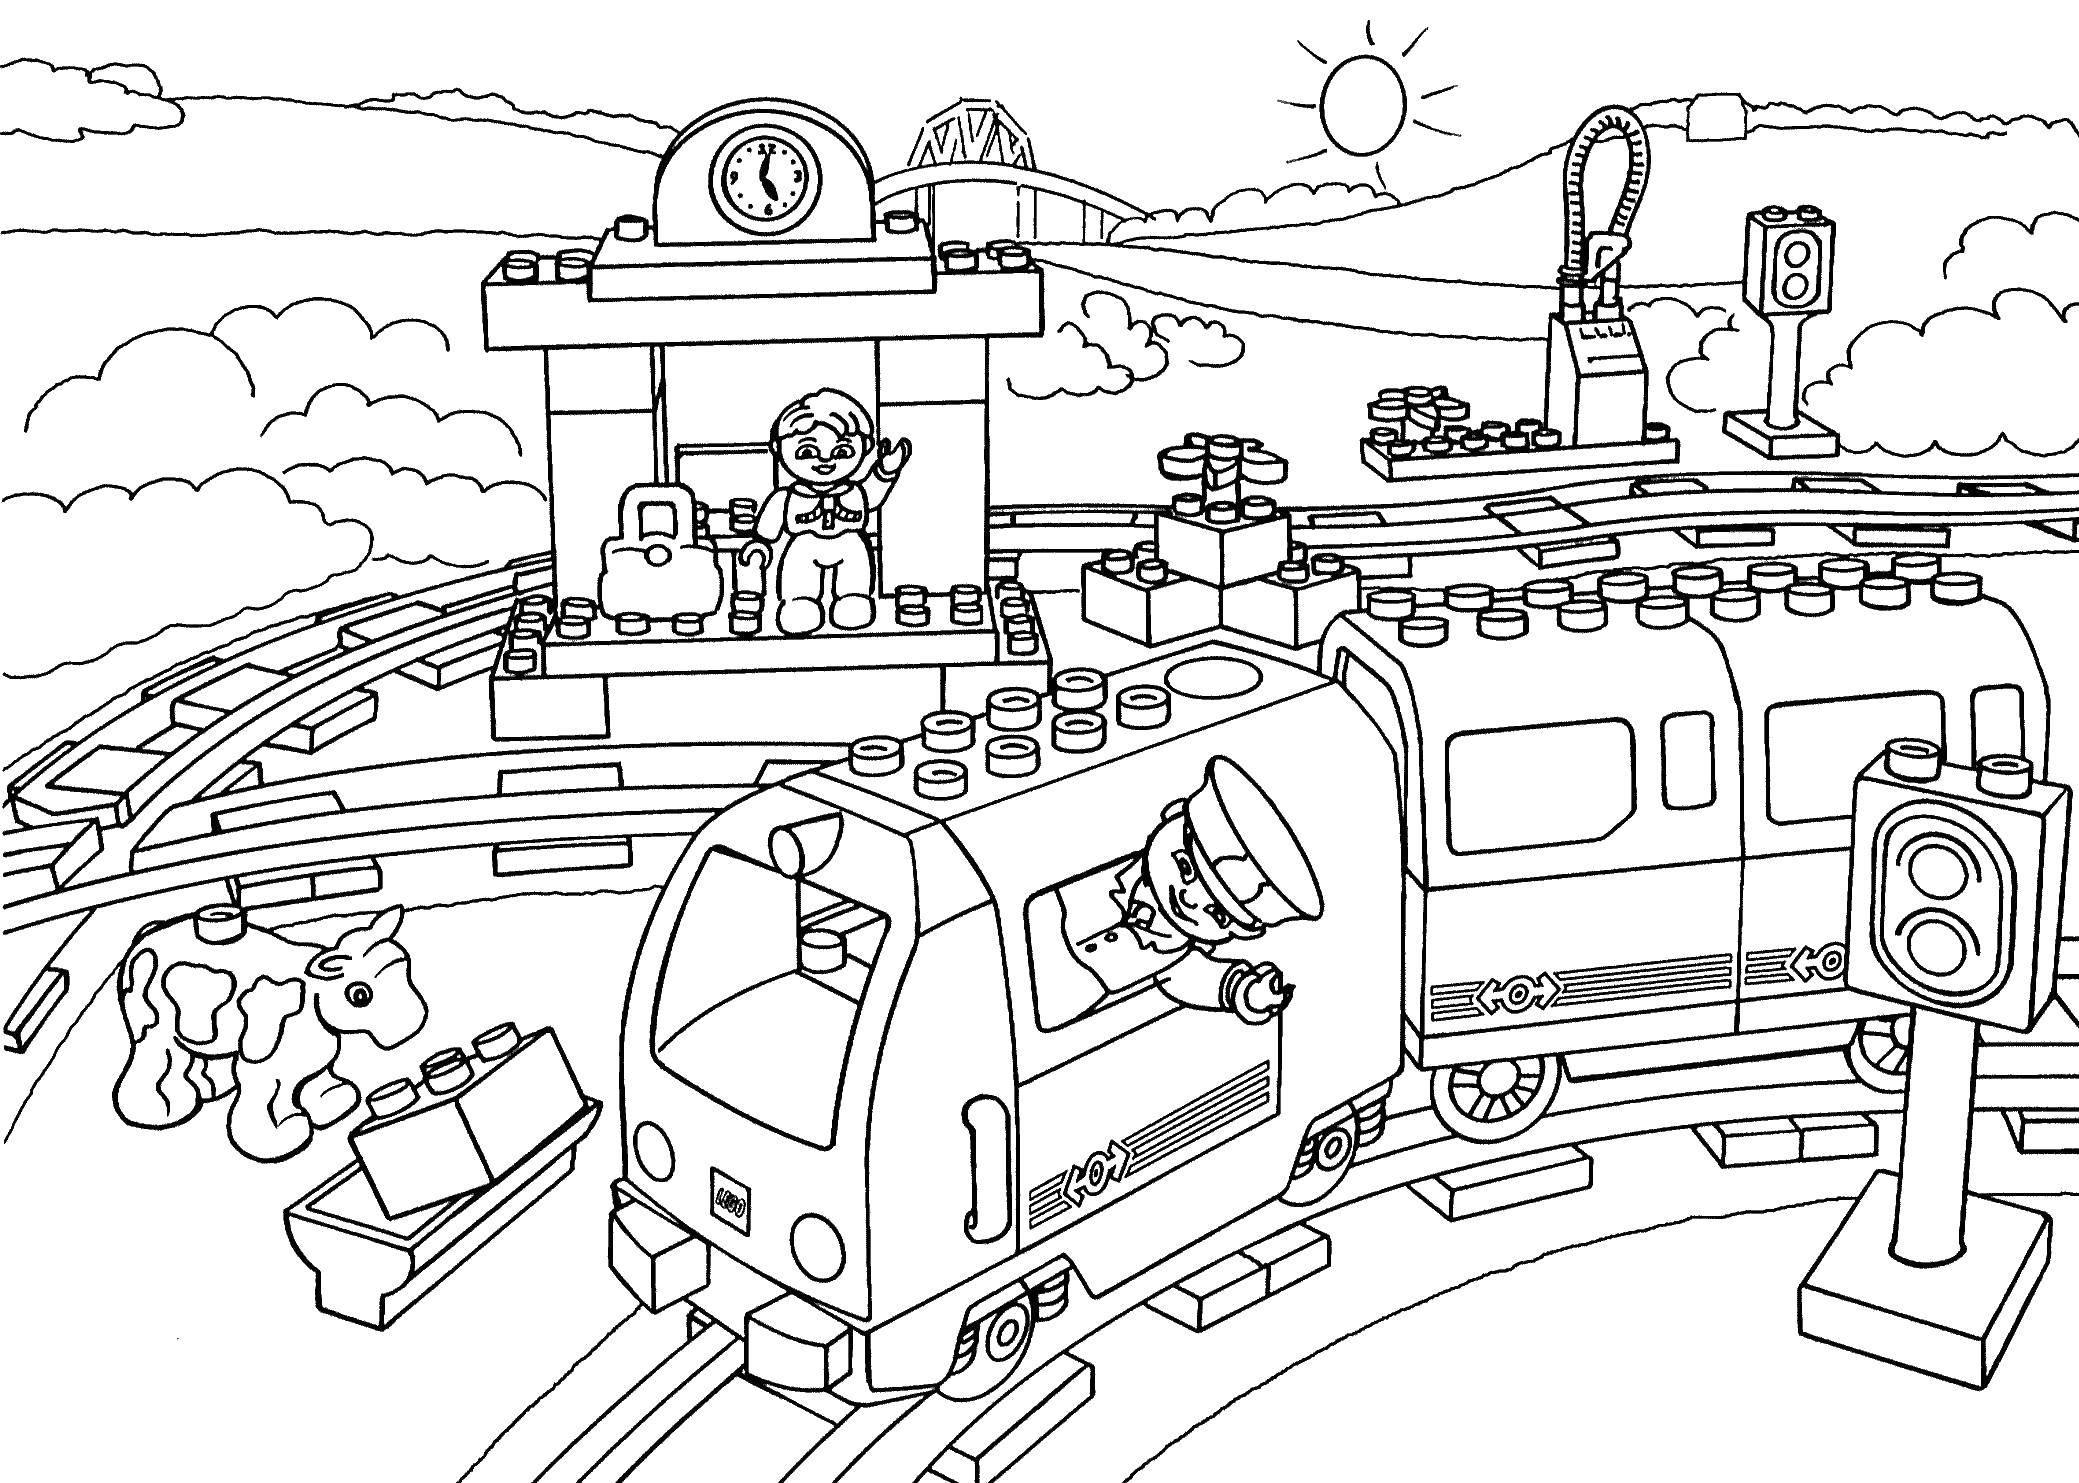 Раскраска Железная дорога лего Скачать ,лего, конструктор, железная дорога, поезд,.  Распечатать